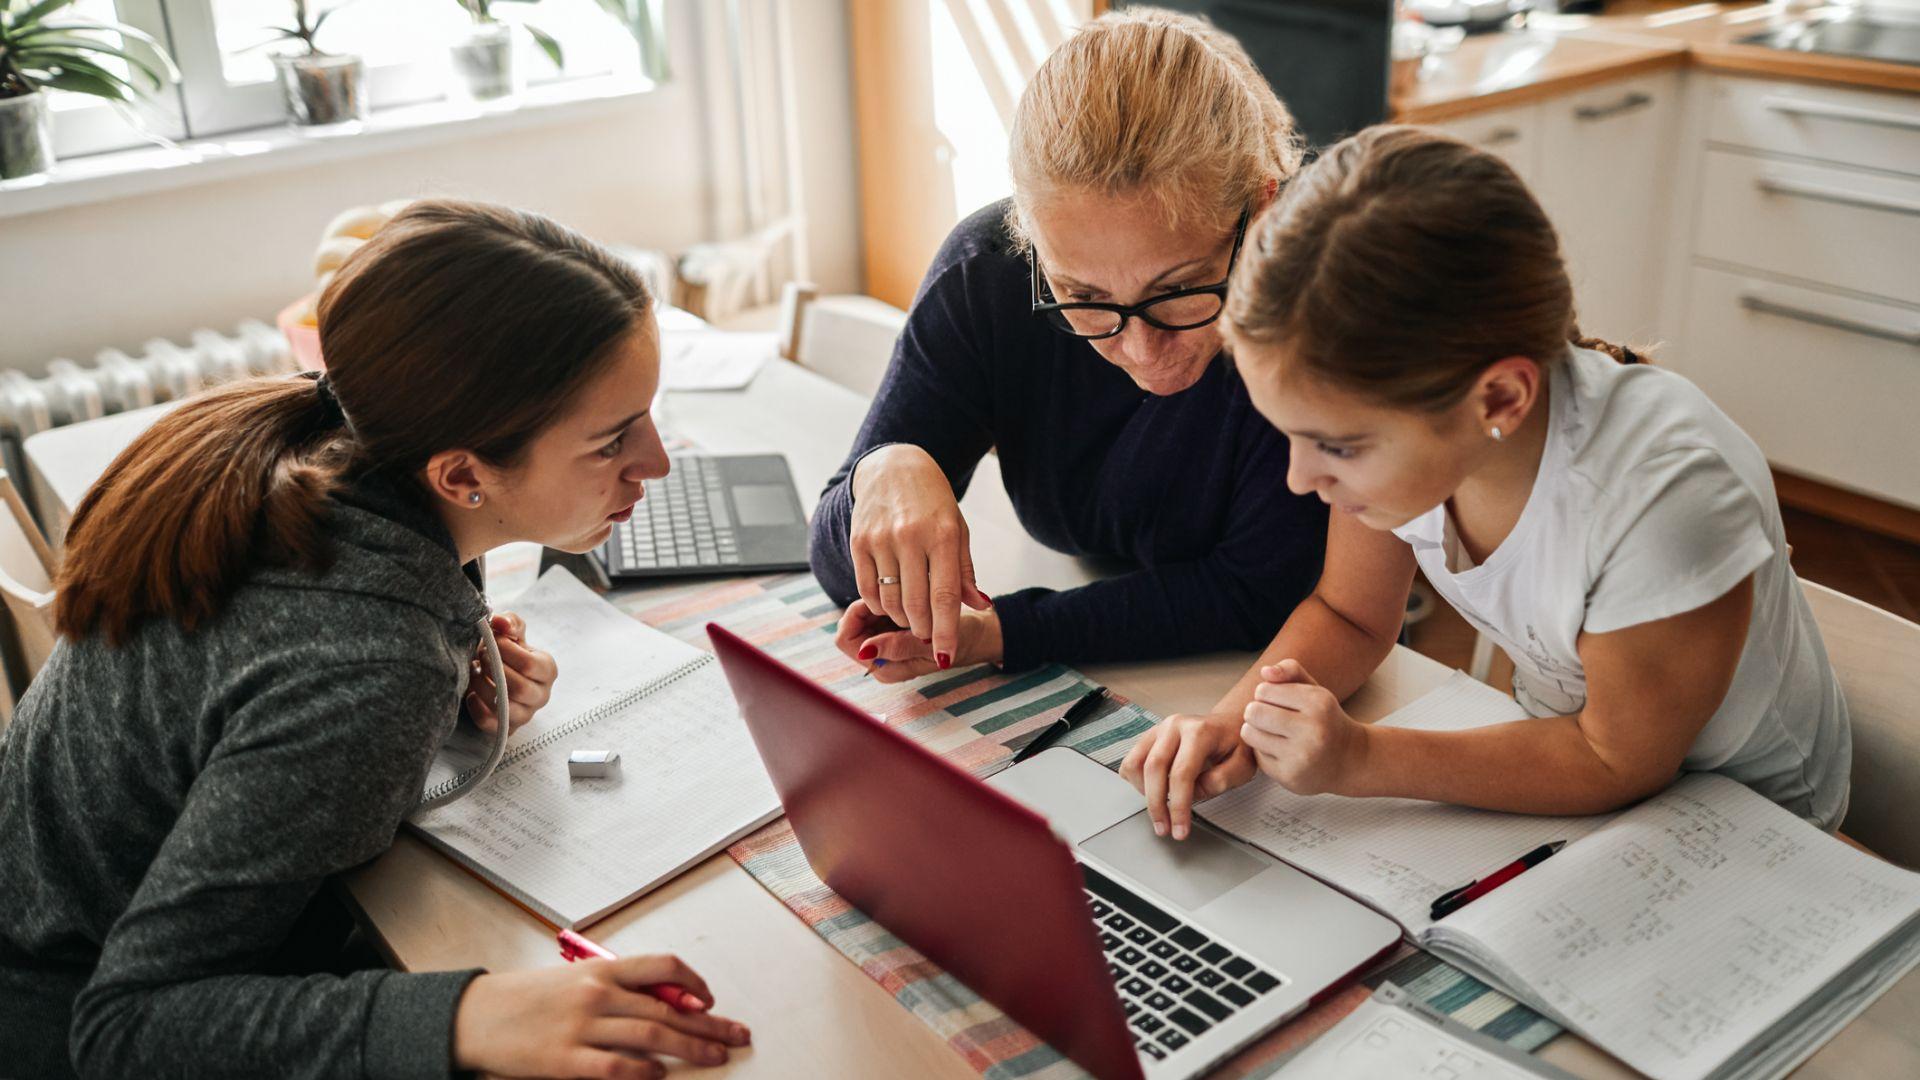 Информационни технологии влиза като предмет от 5 клас